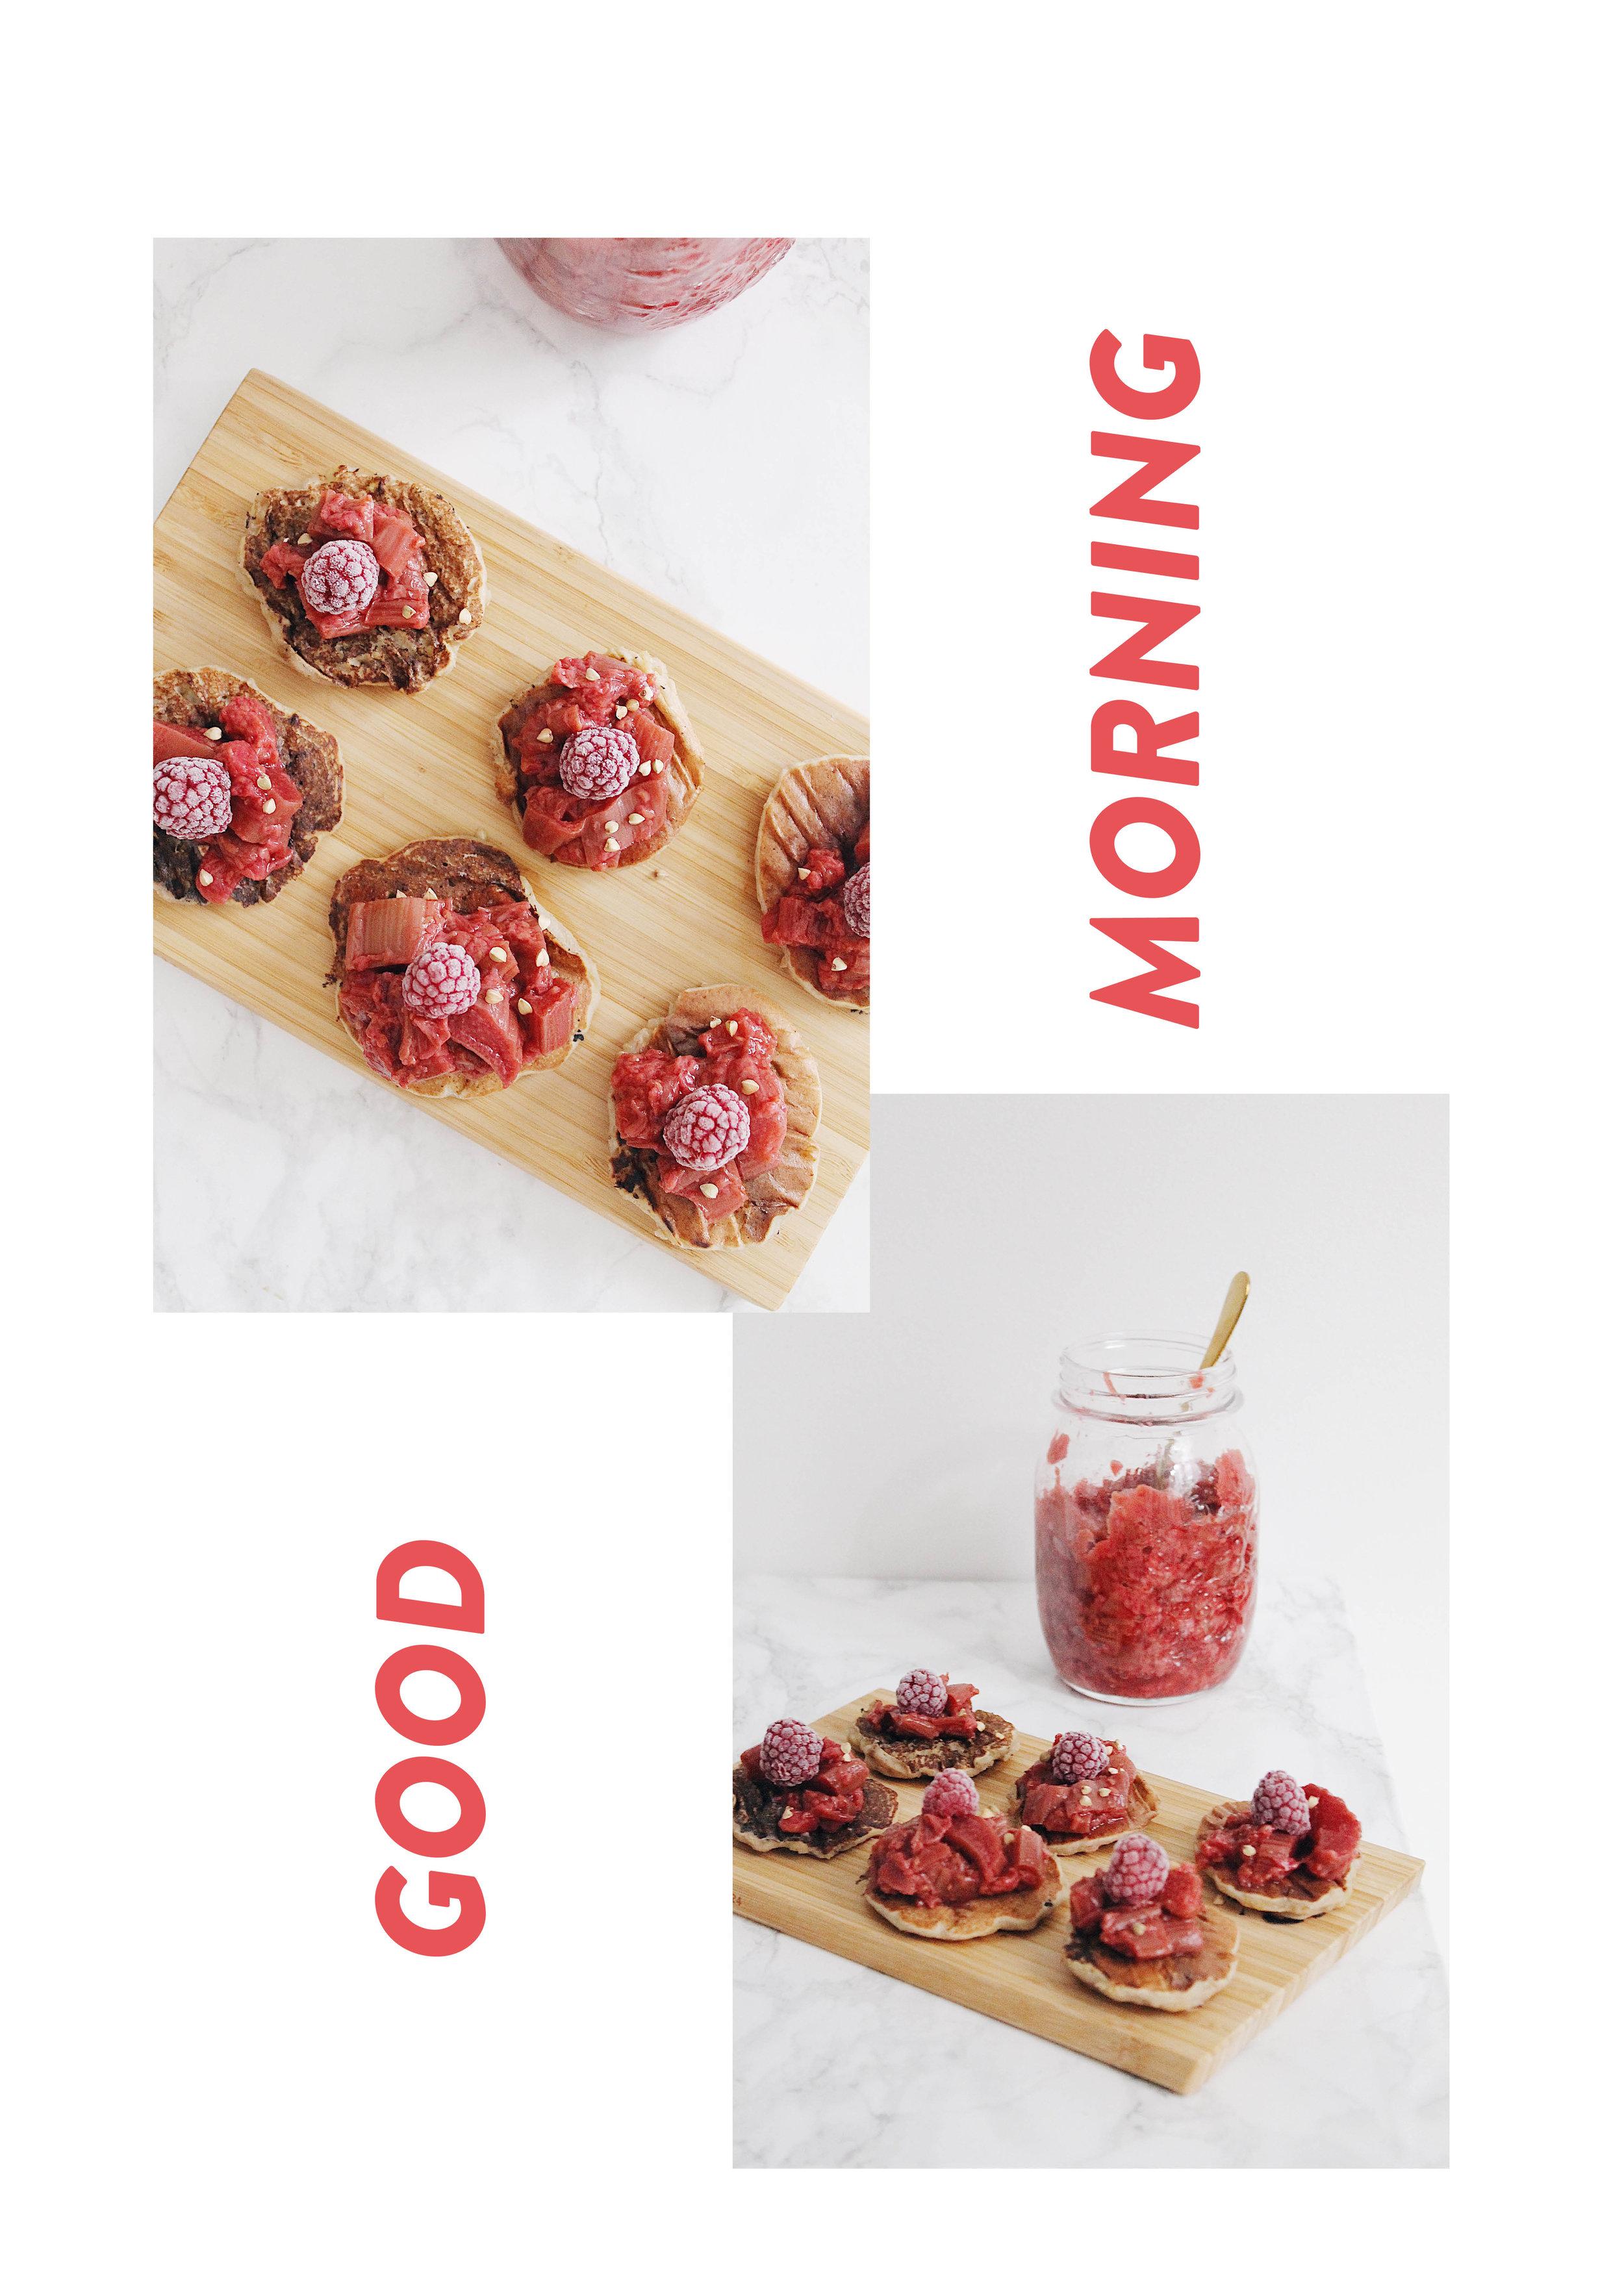 rhubarb3.jpg